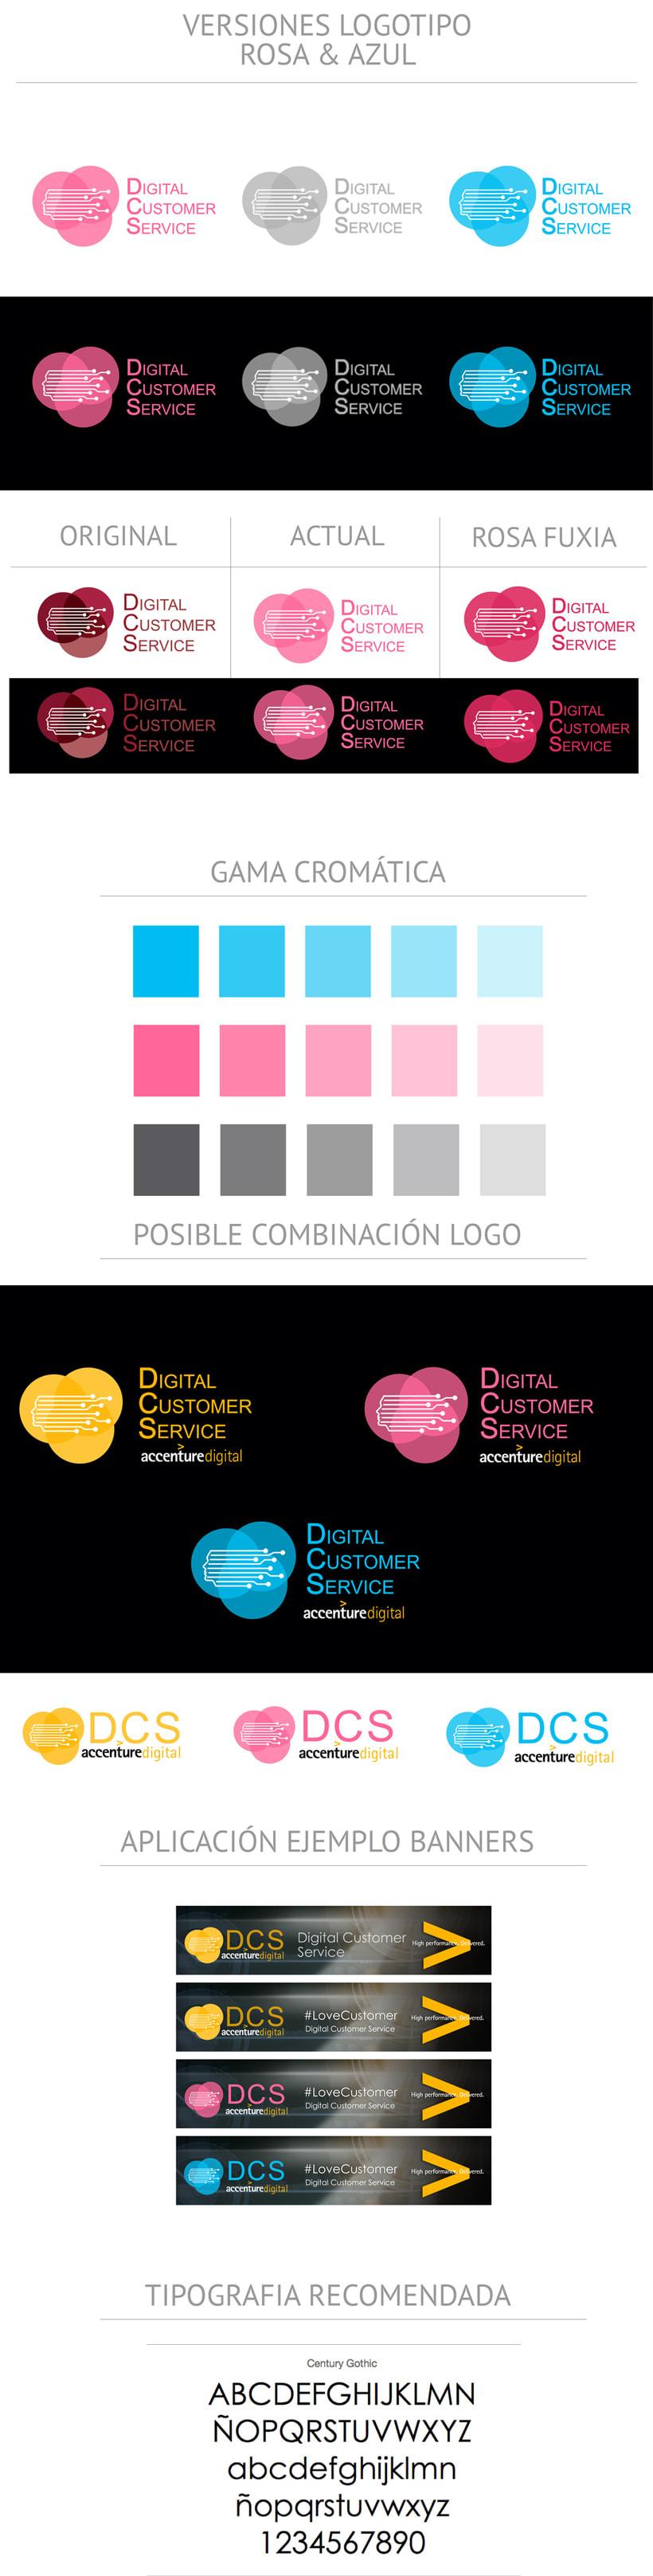 Diseño Imagen Accenture Digital -1